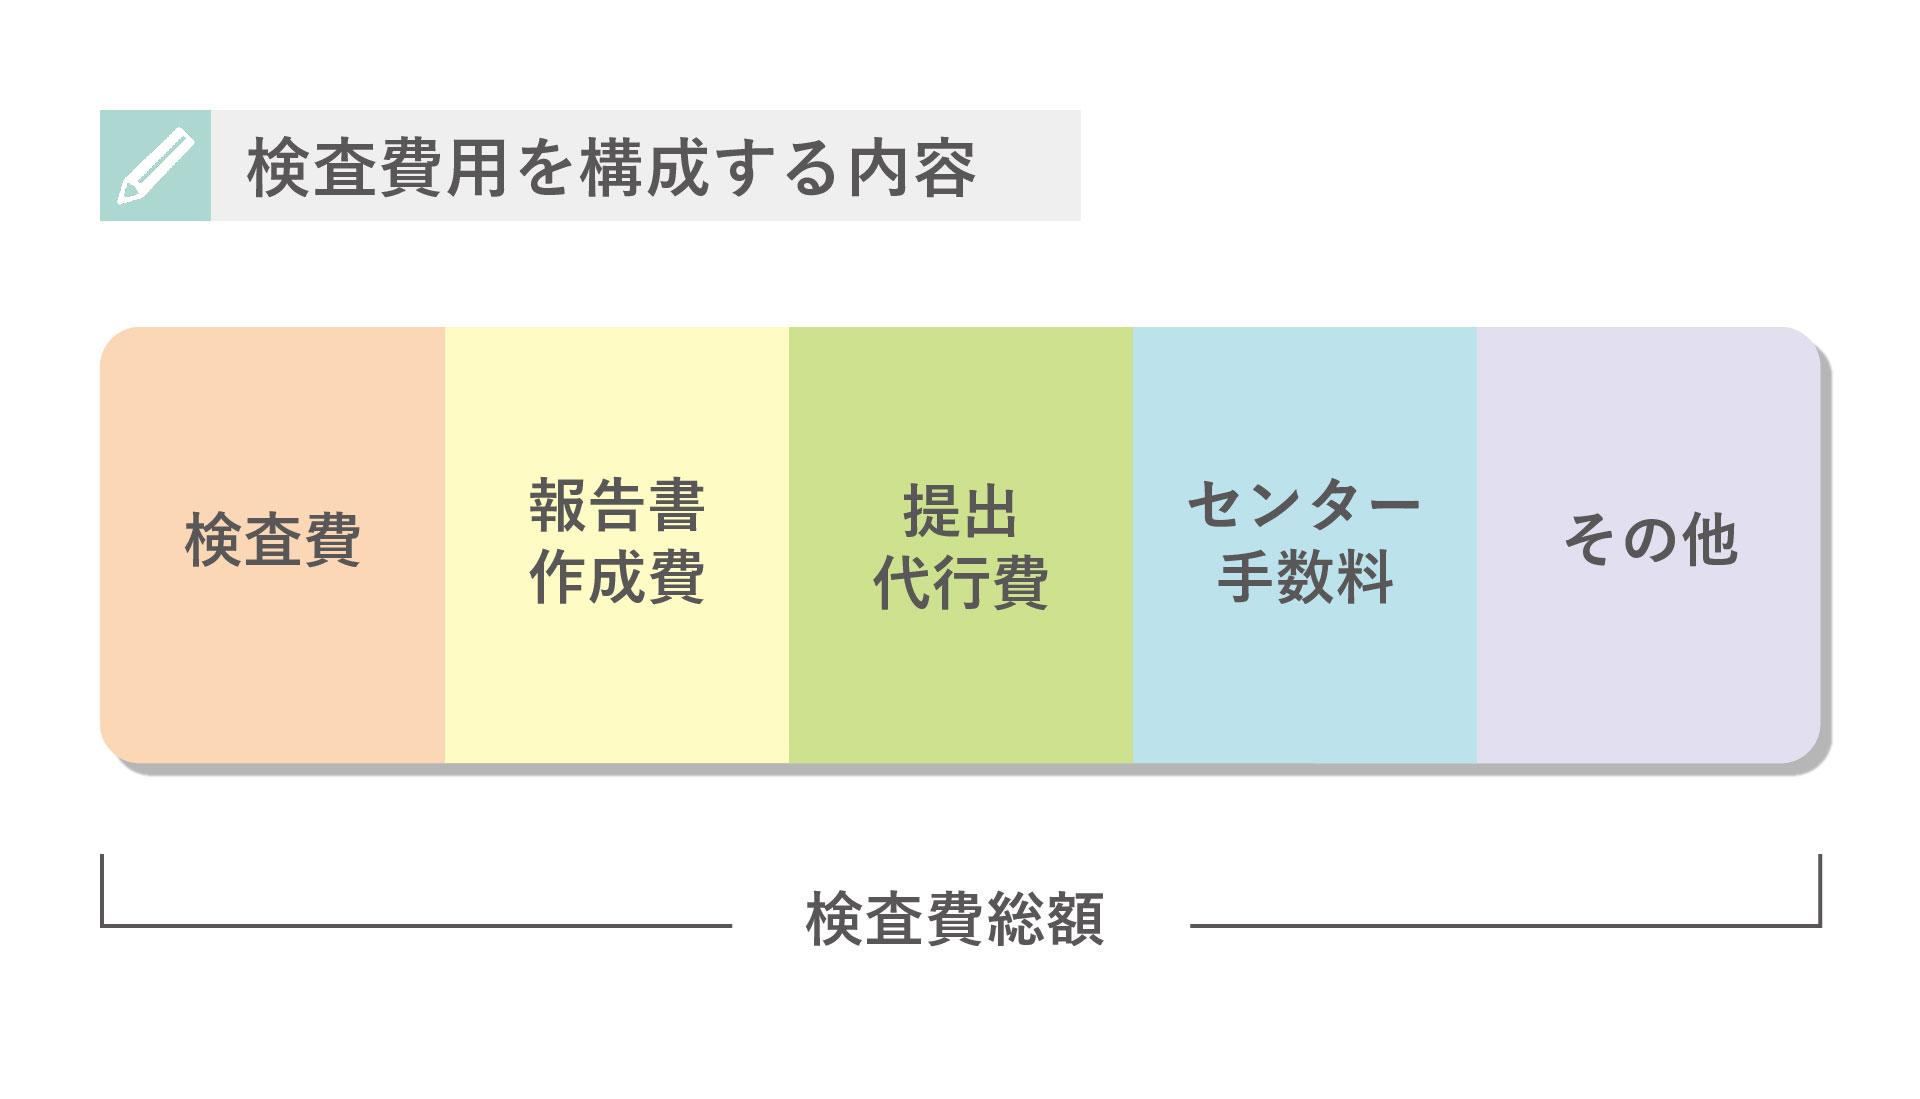 調査 定期 建築 特定 物